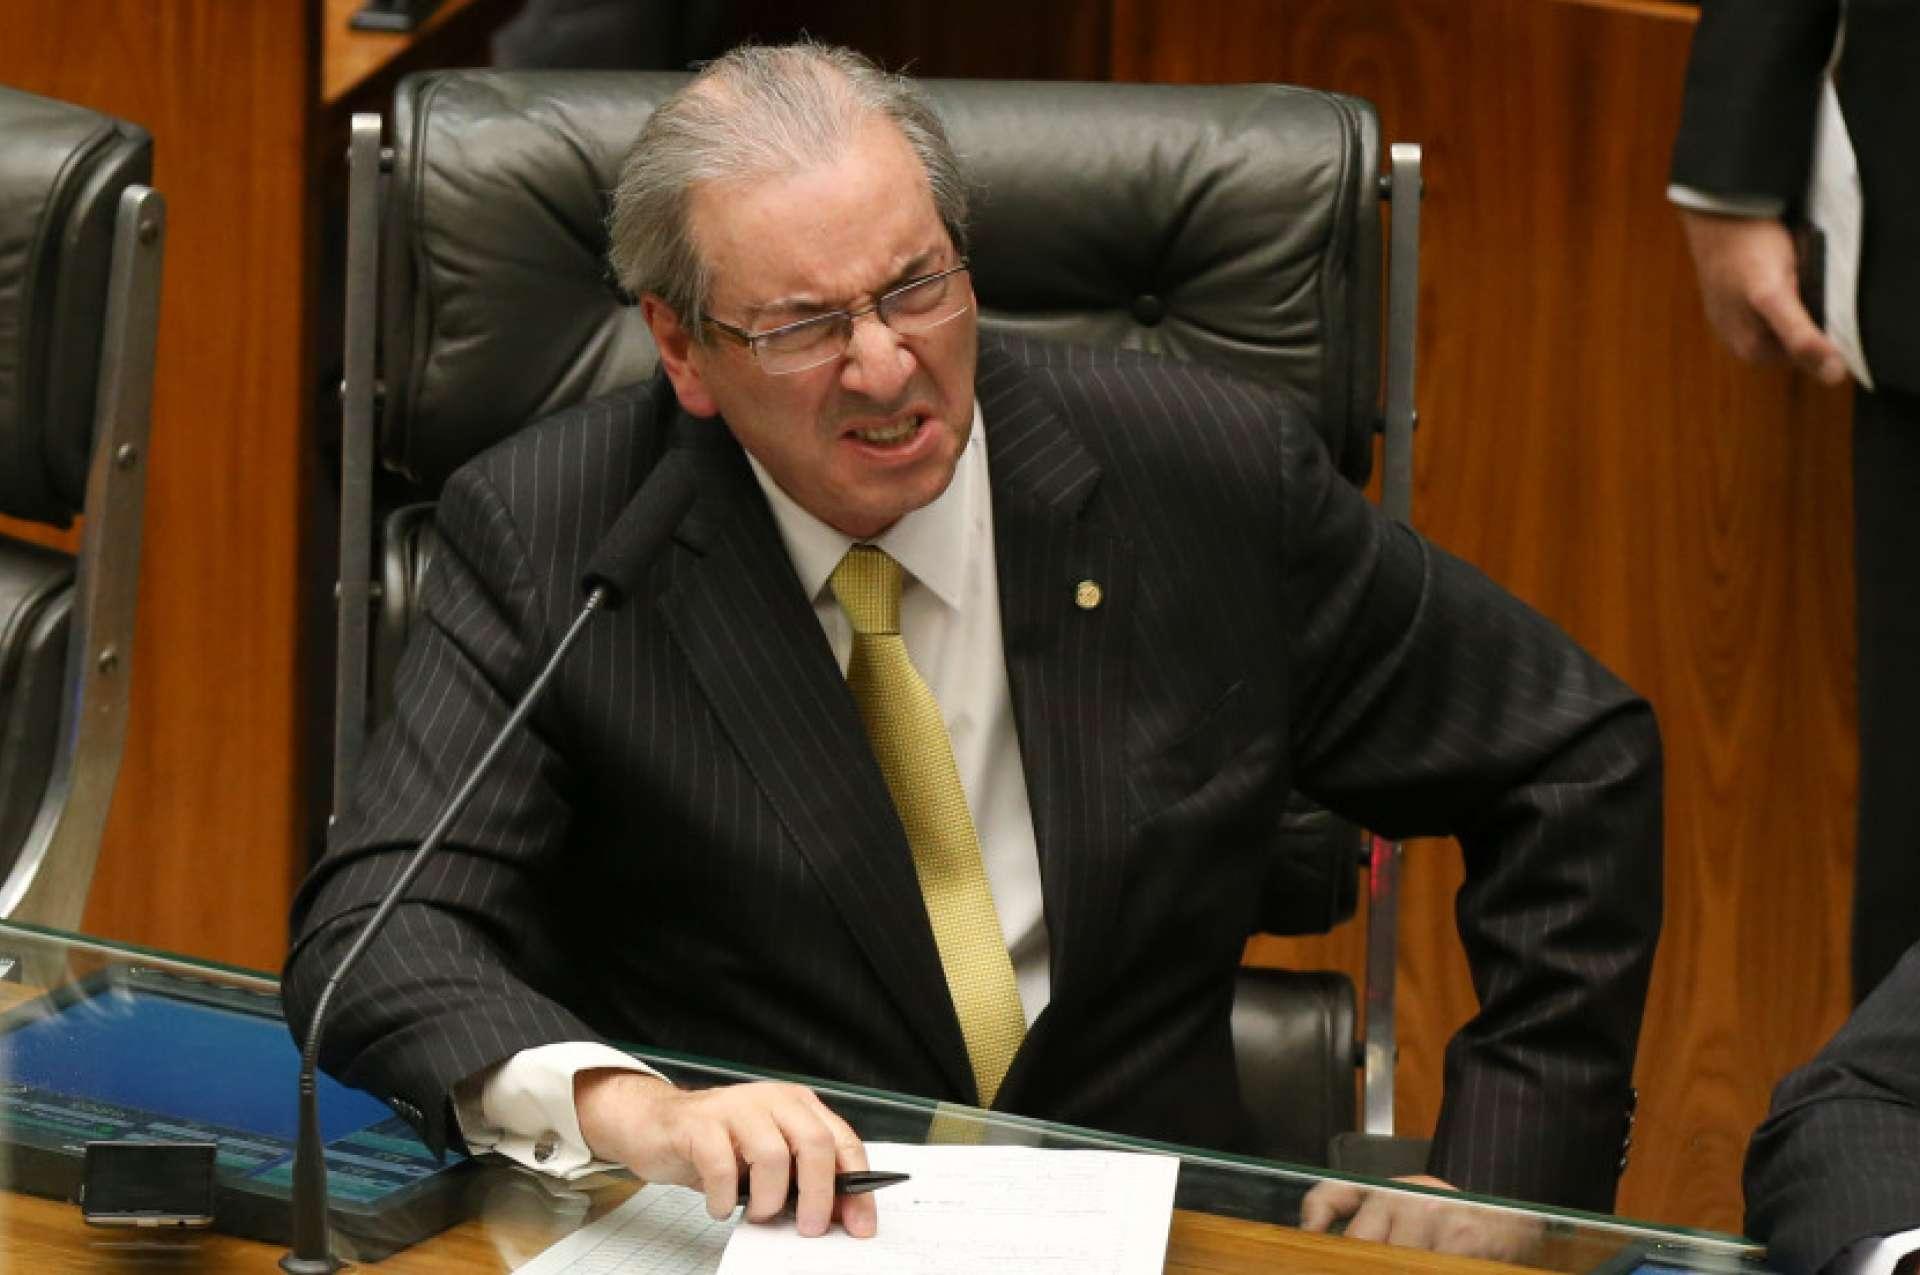 Parecer do processo contra Eduardo Cunha (PMDB) será lido hoje